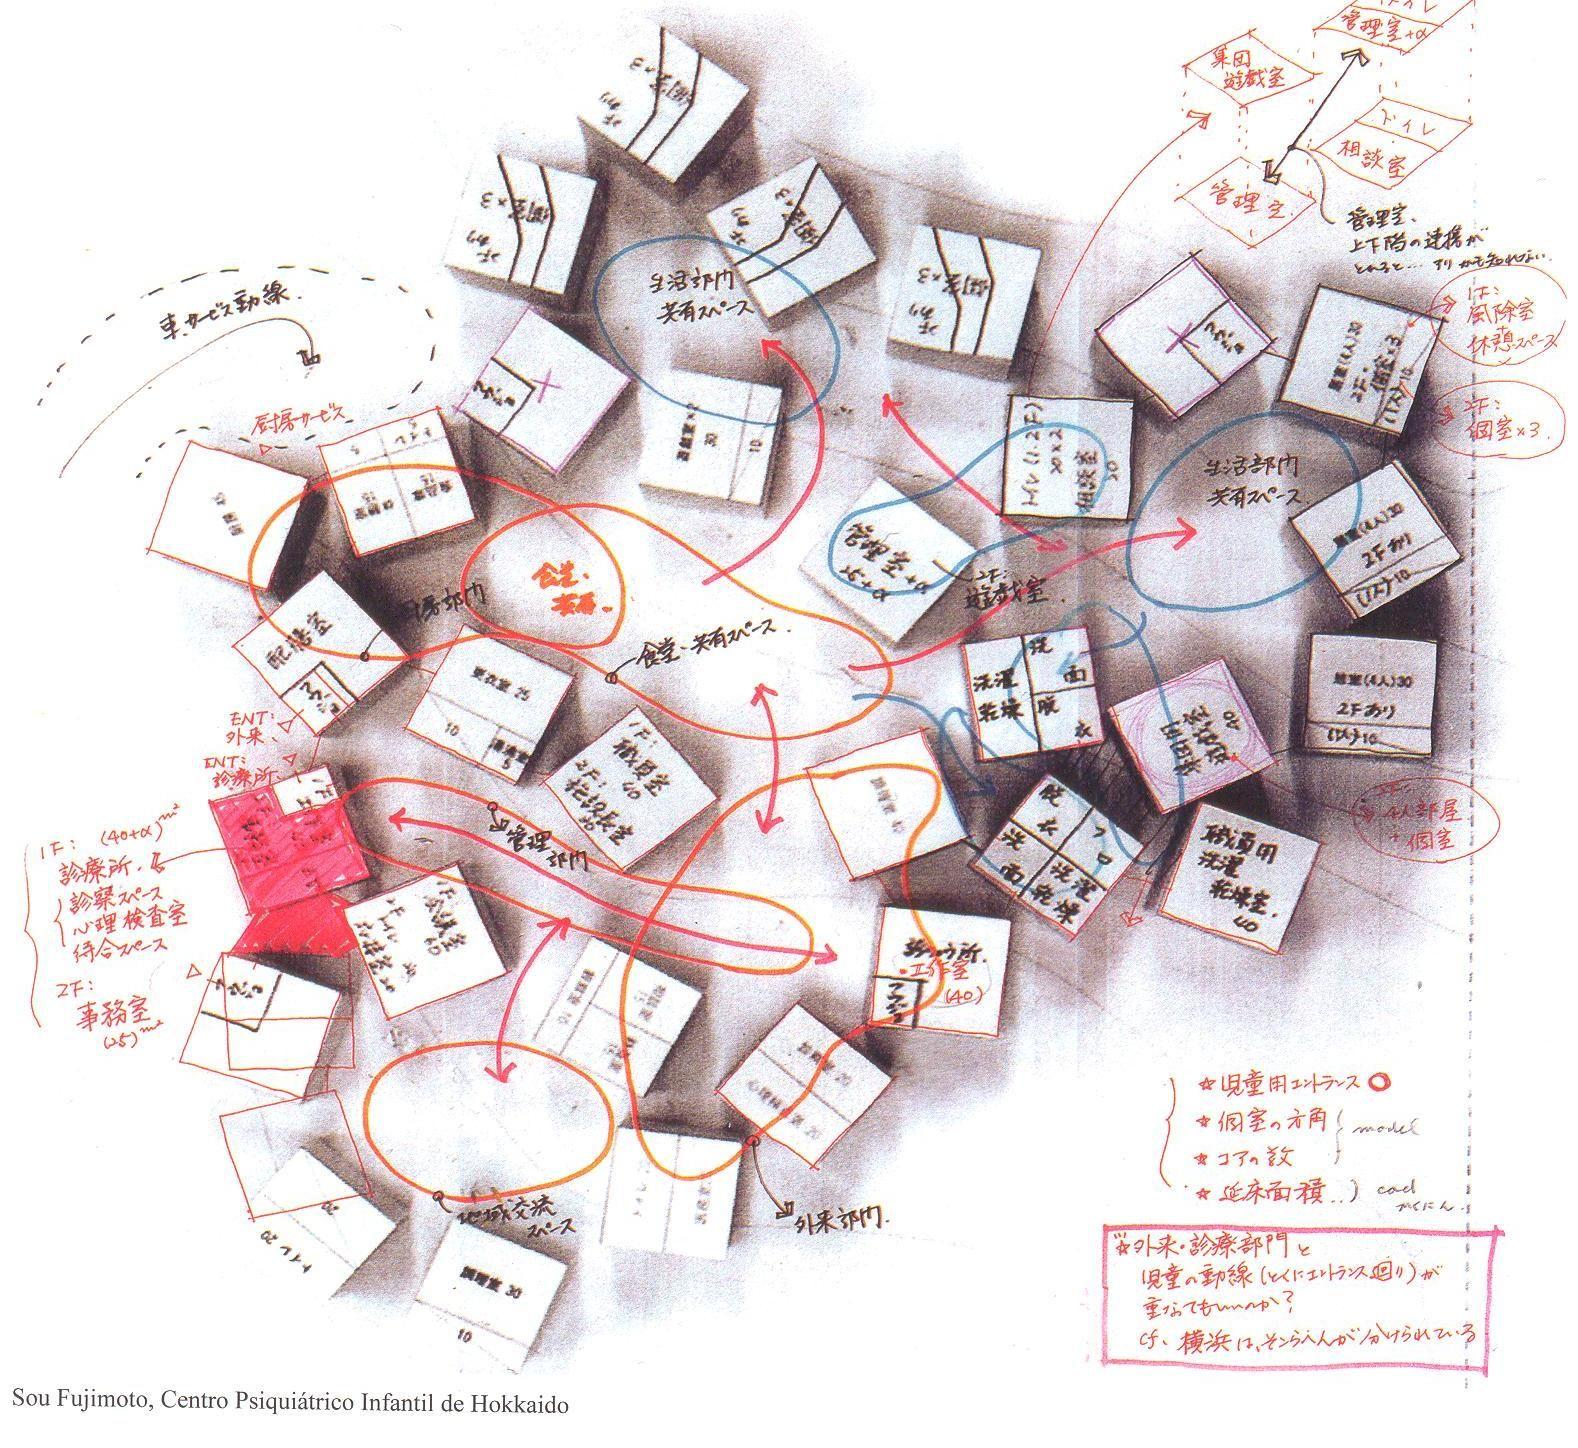 Study model diagram sou fujimoto sou fujimoto pinterest study model diagram sou fujimoto pooptronica